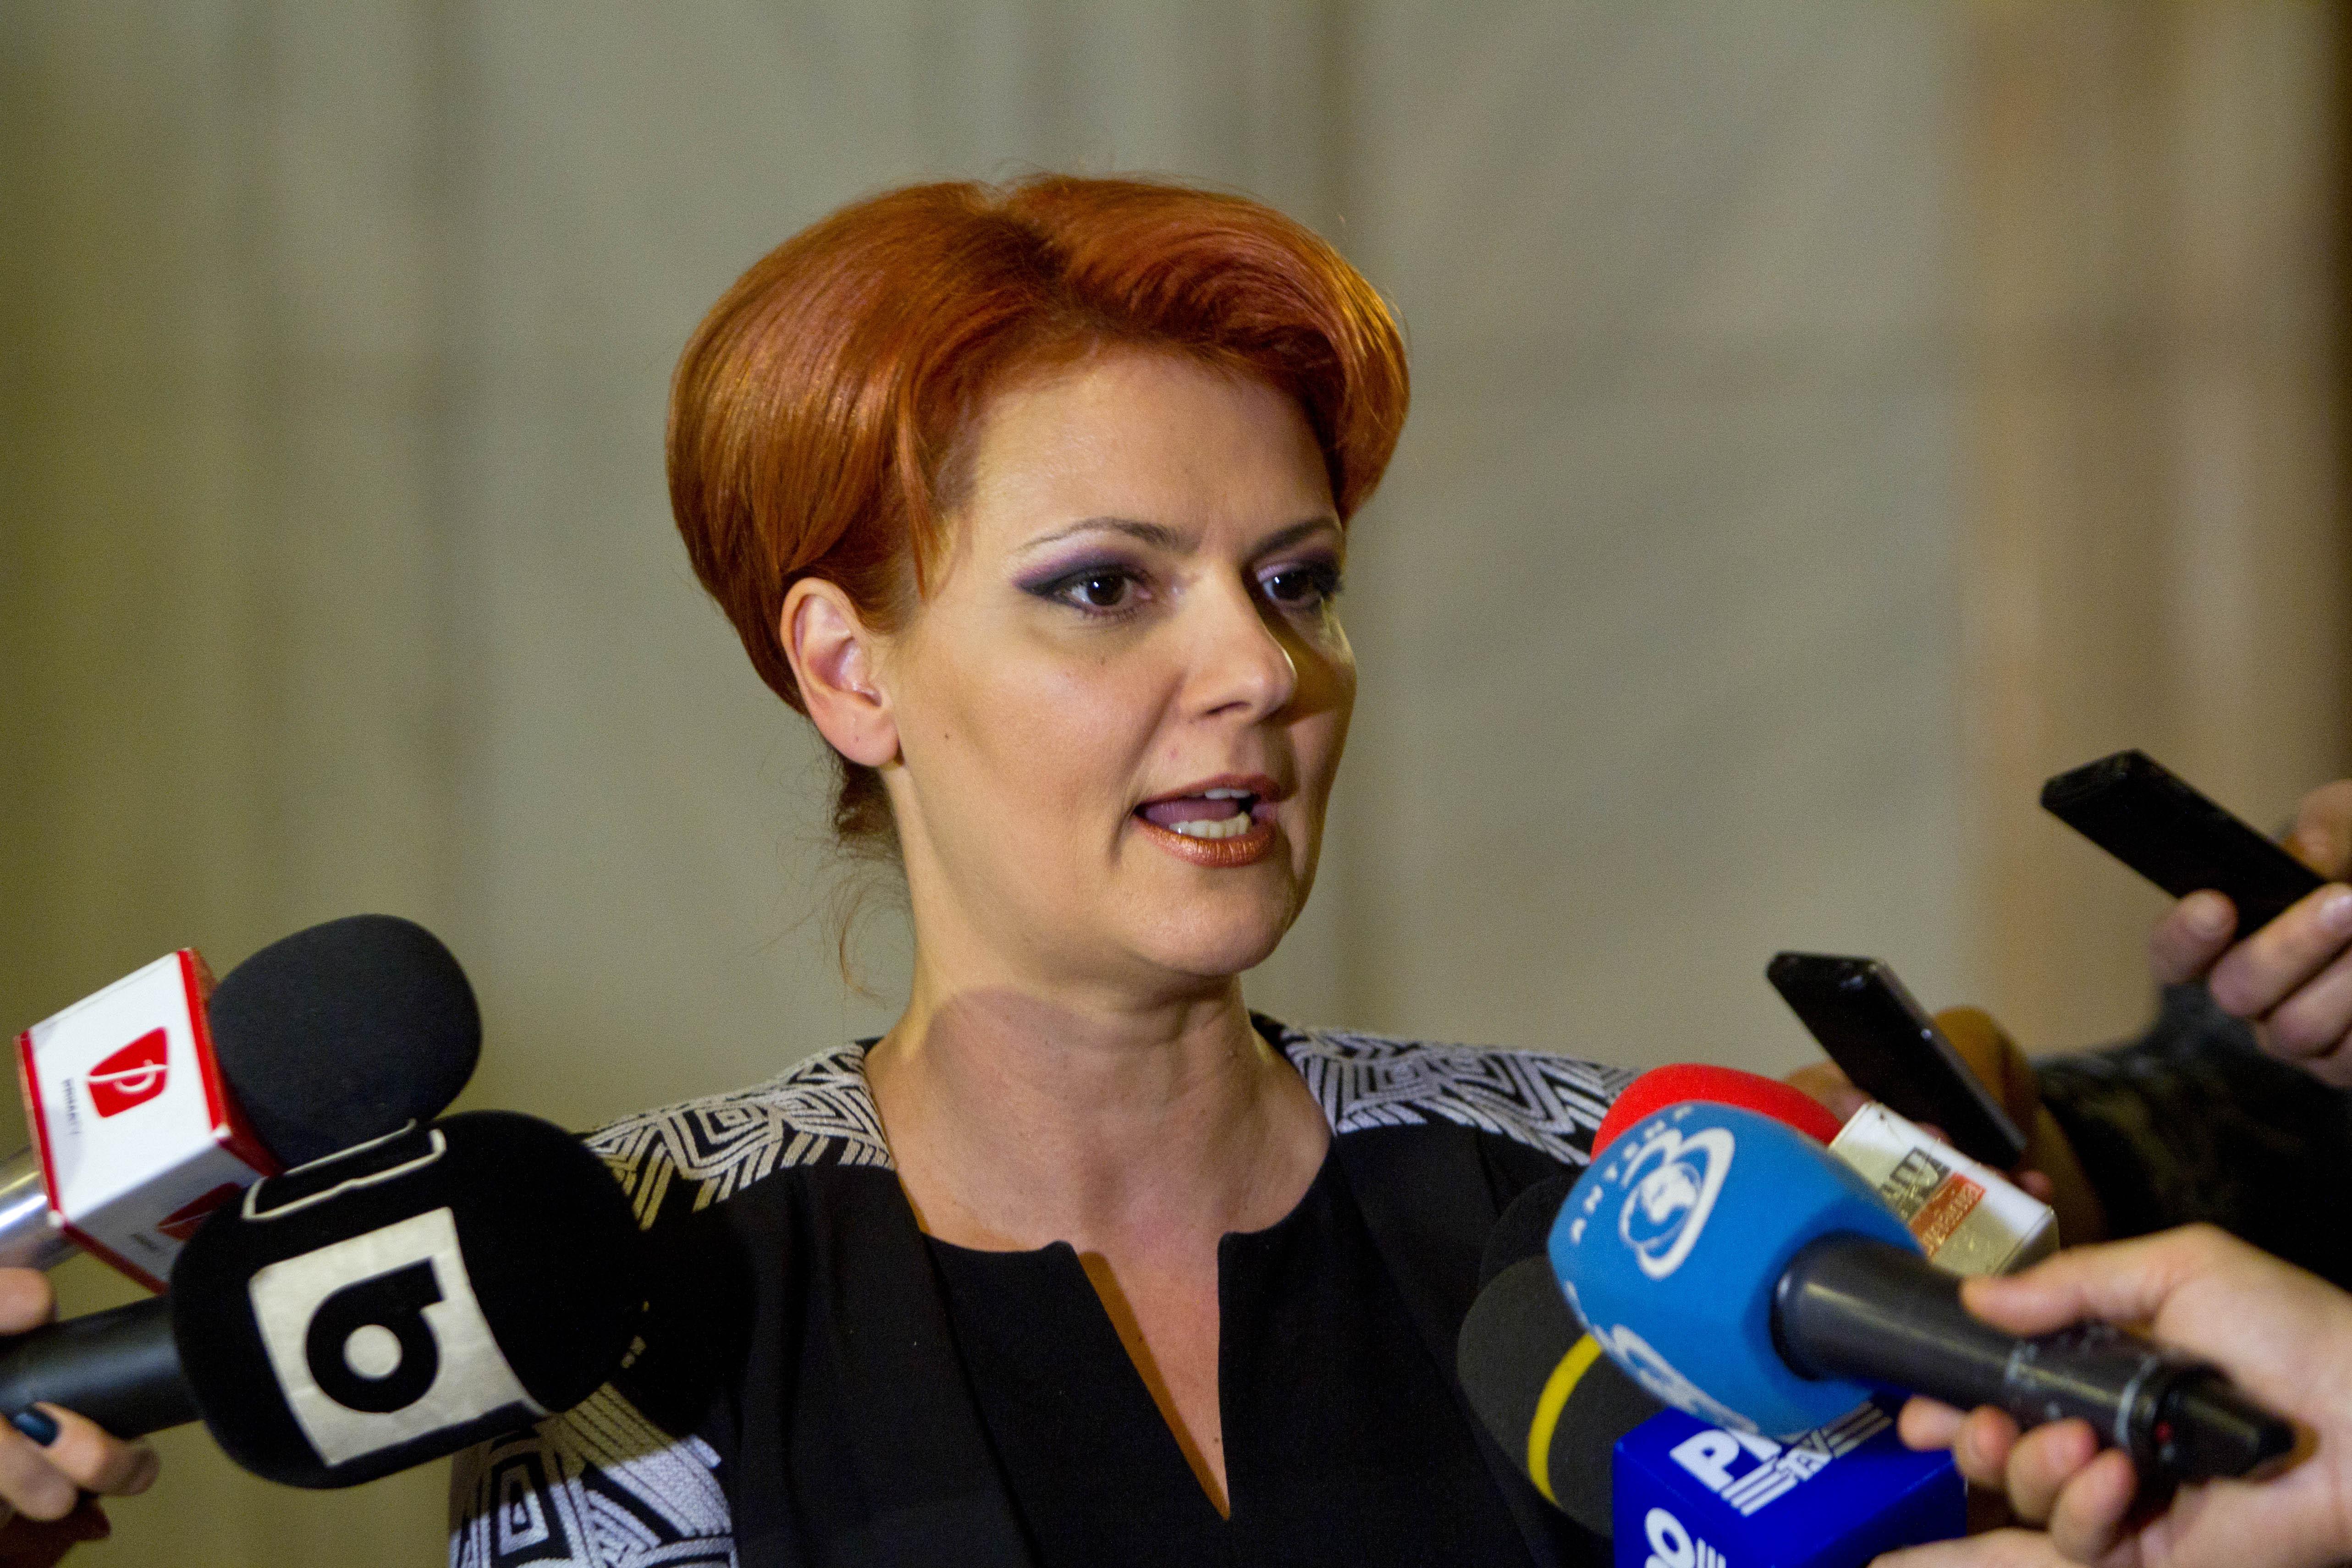 Manda: Dumitru Iliescu spune că se mai pregăteşte un dosar pentru guvernanţi; vizată Olguţa Vasilescu/ 300 de ofiţeri au fost monitorizaţi când Coldea şi Maior conduceau SRI